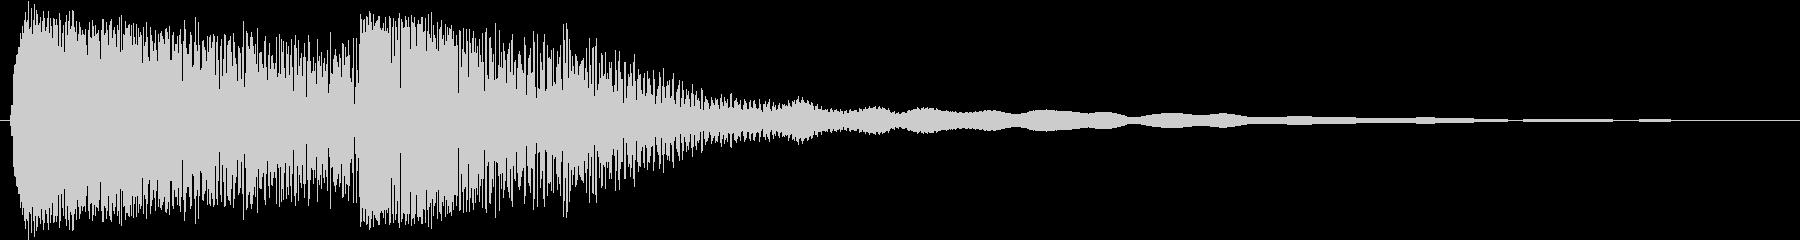 METAL PIPE IMPACT...の未再生の波形